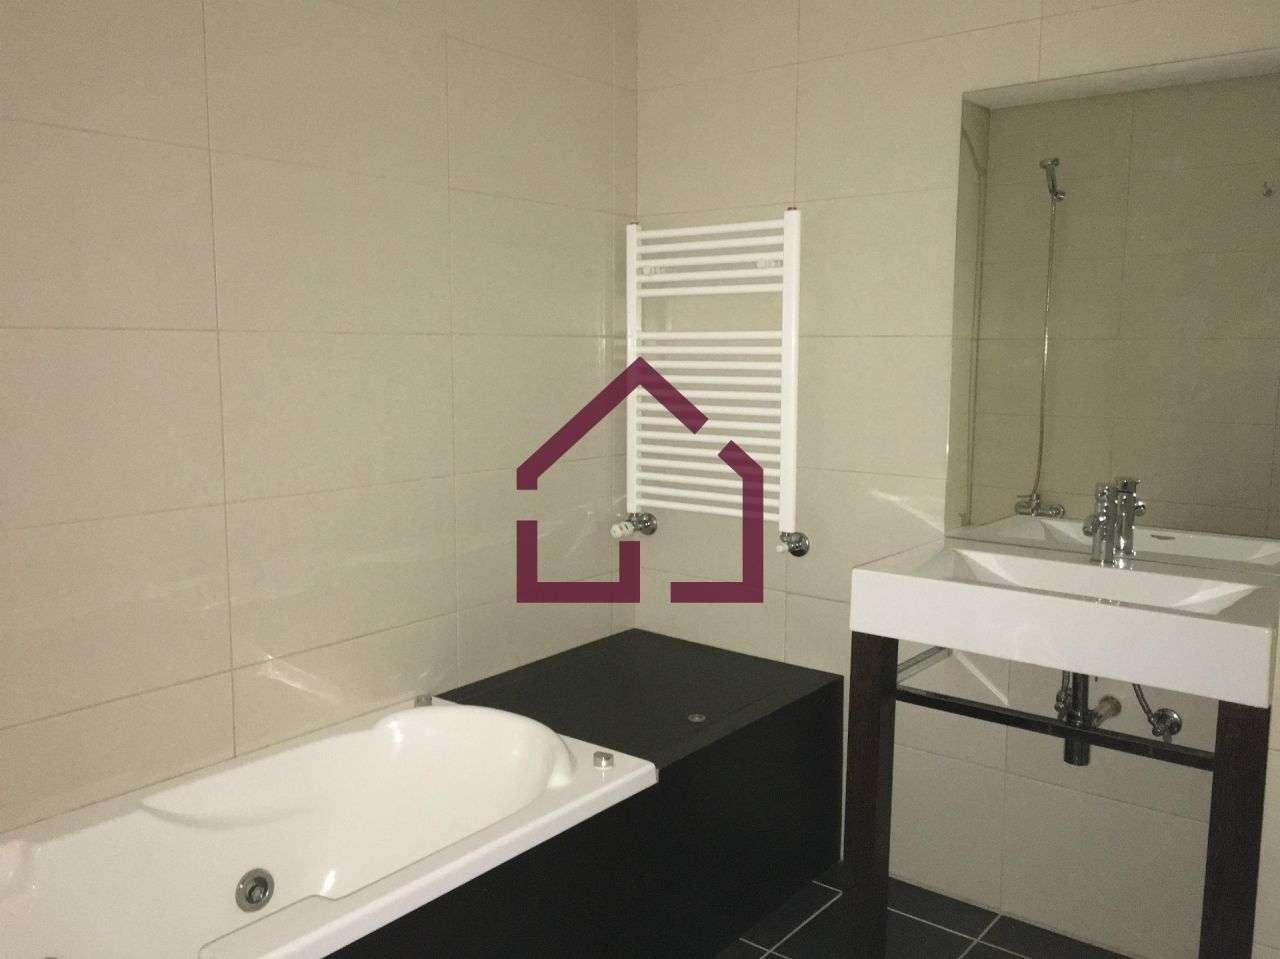 Apartamento para comprar, Santa Maria da Feira, Travanca, Sanfins e Espargo, Aveiro - Foto 12